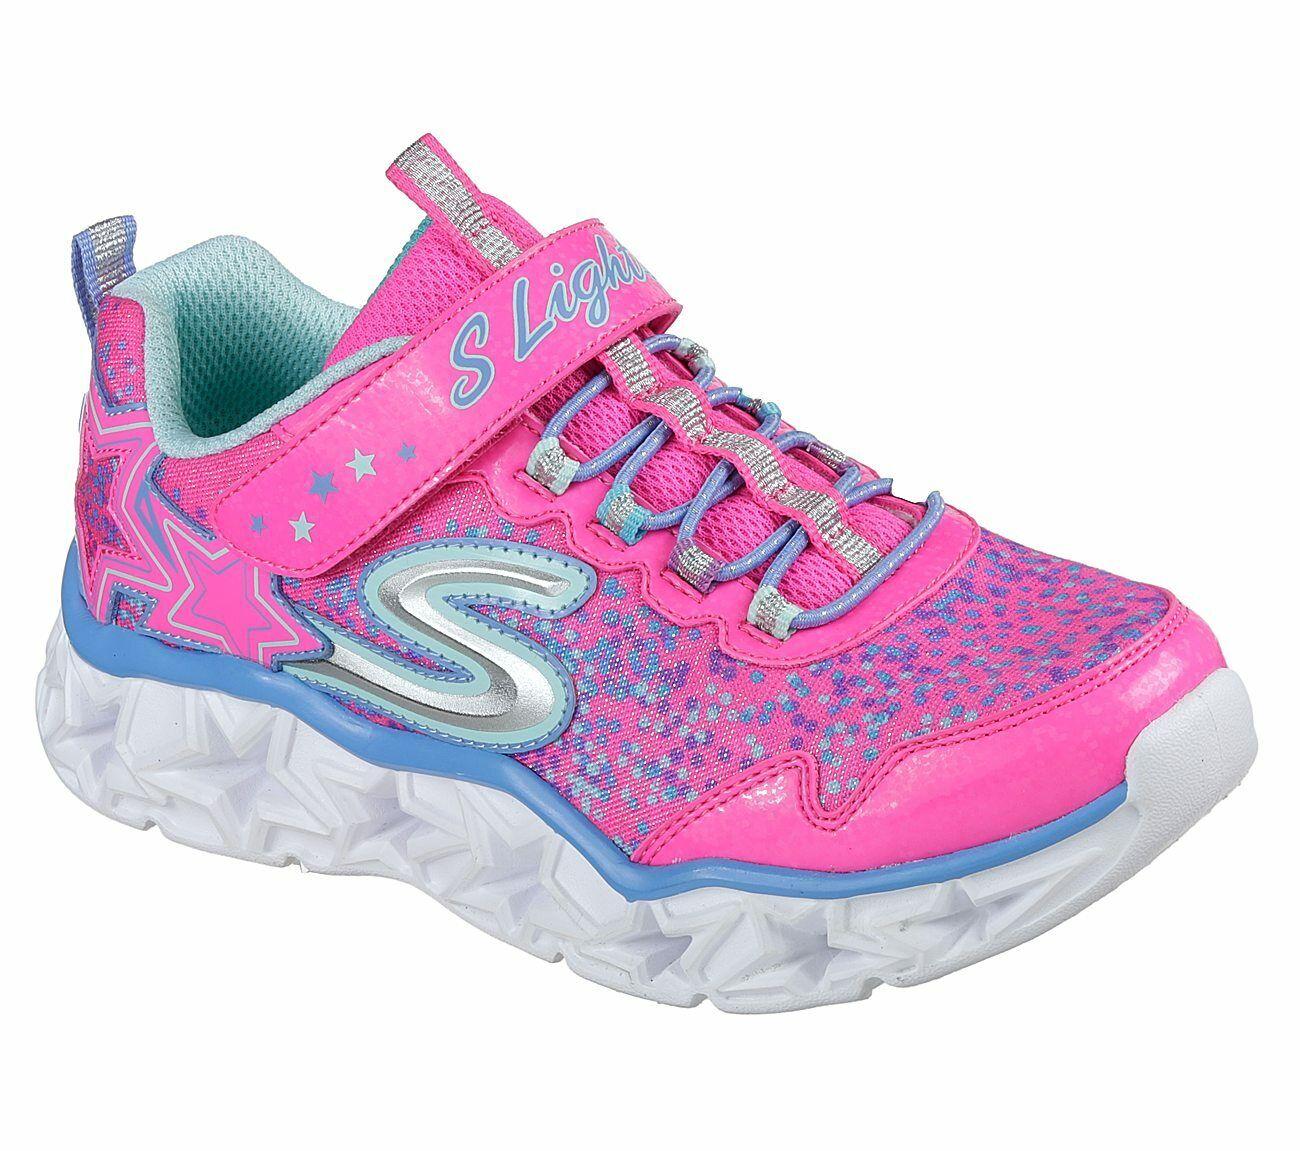 Details zu NEU SKECHERS Mädchen Sneakers JUMPTECH DREAMY DAZE Pink